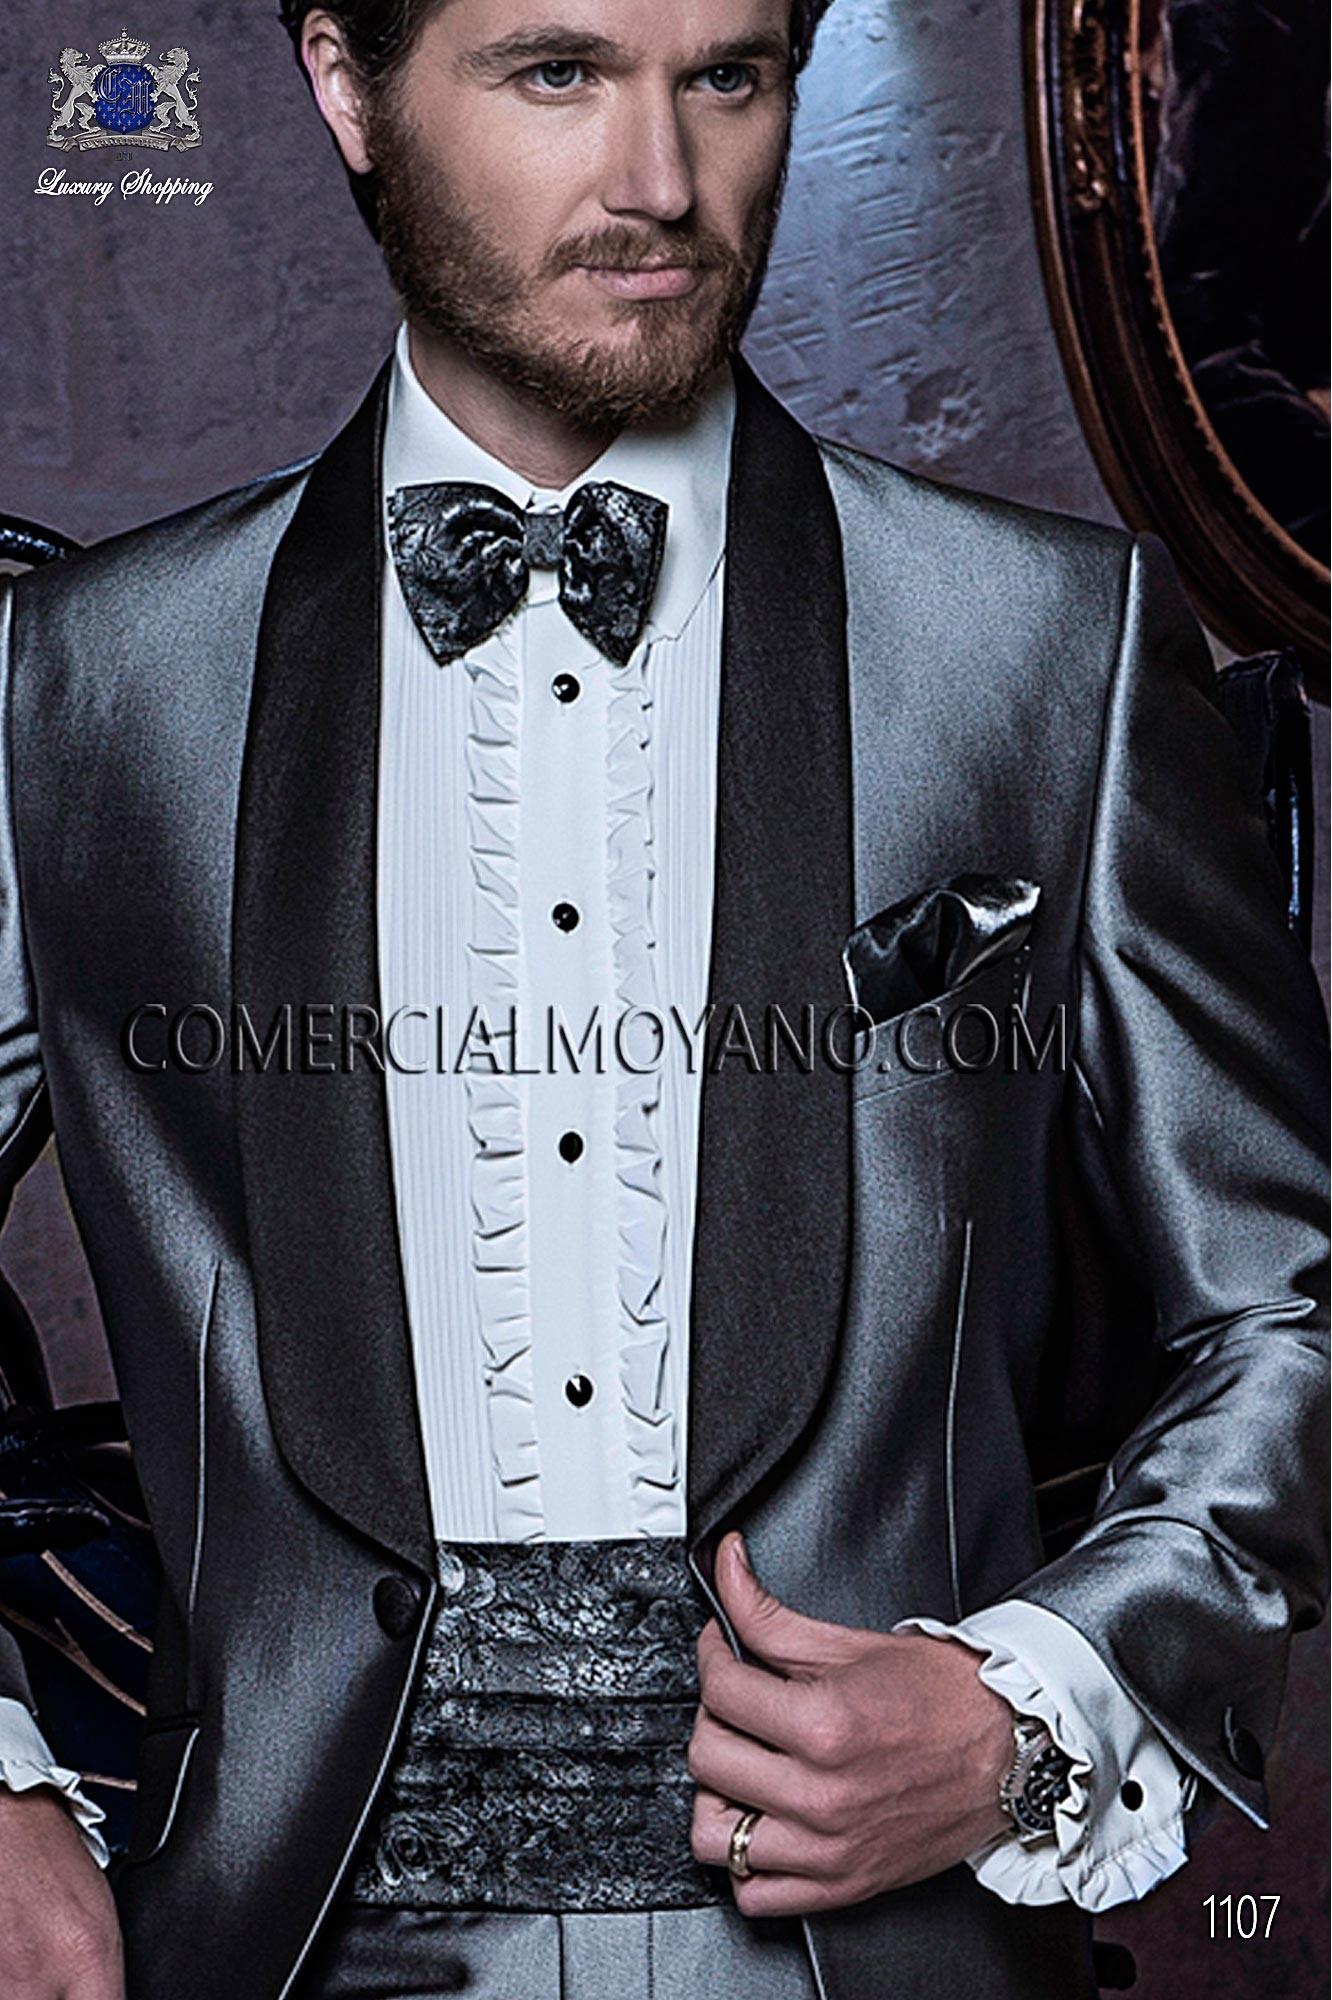 Italian blacktie Gray men wedding suit, model: 1107 Ottavio Nuccio Gala Black Tie Collection